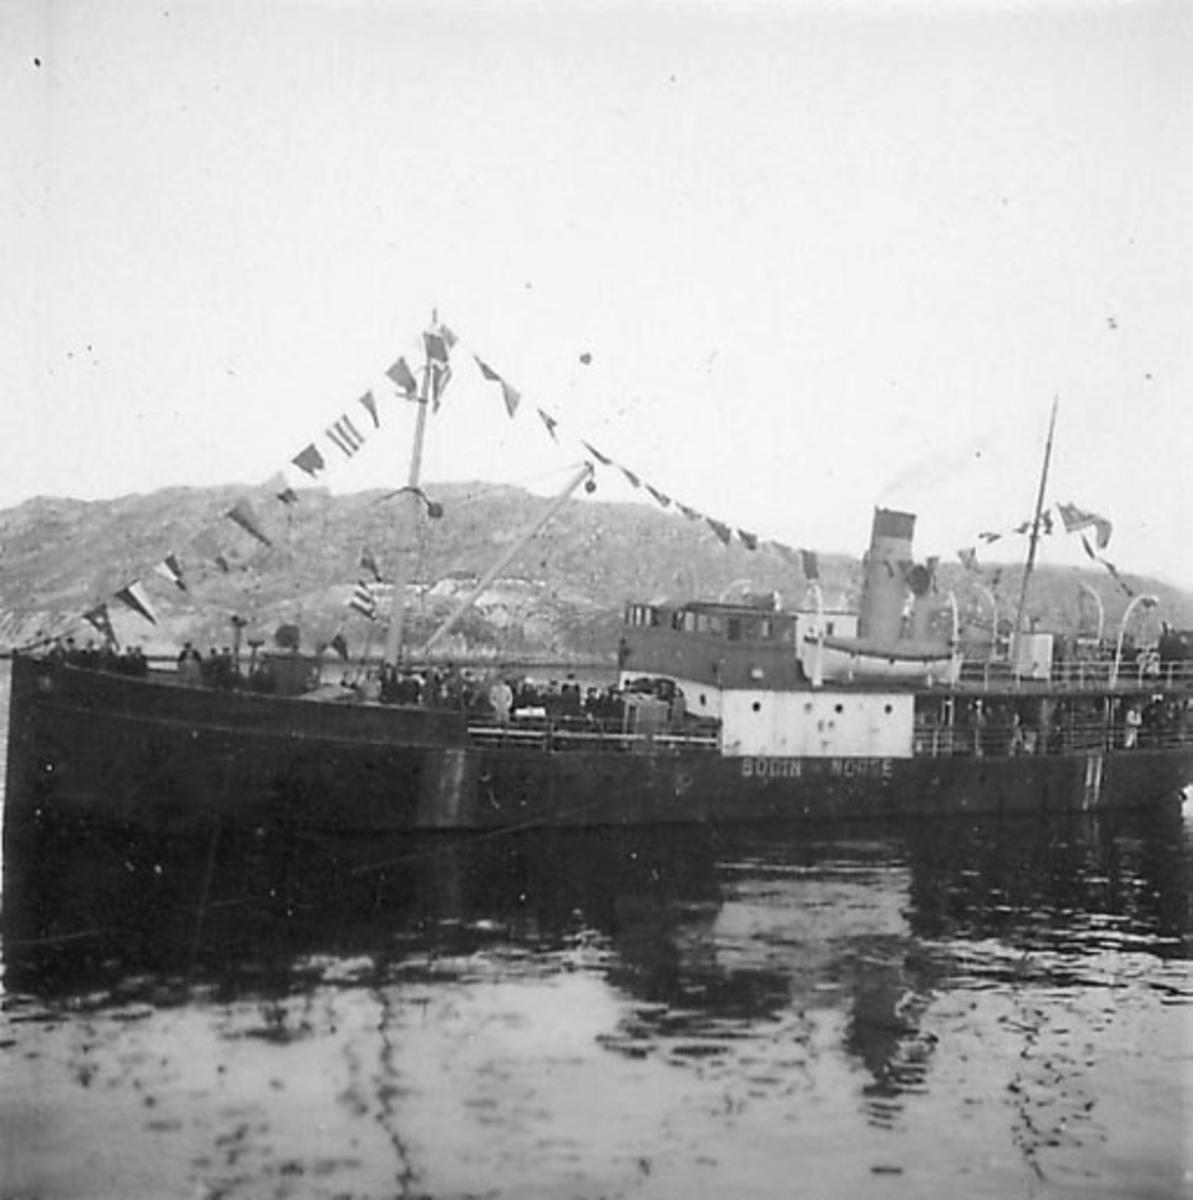 Fartøy, En dampbåt, DS Bodin, S.D.S. Pyntet med vimpler/flagg. Mange personer på dekk. Ant. like etter frigjøringa, krigen 1940 - 1945.